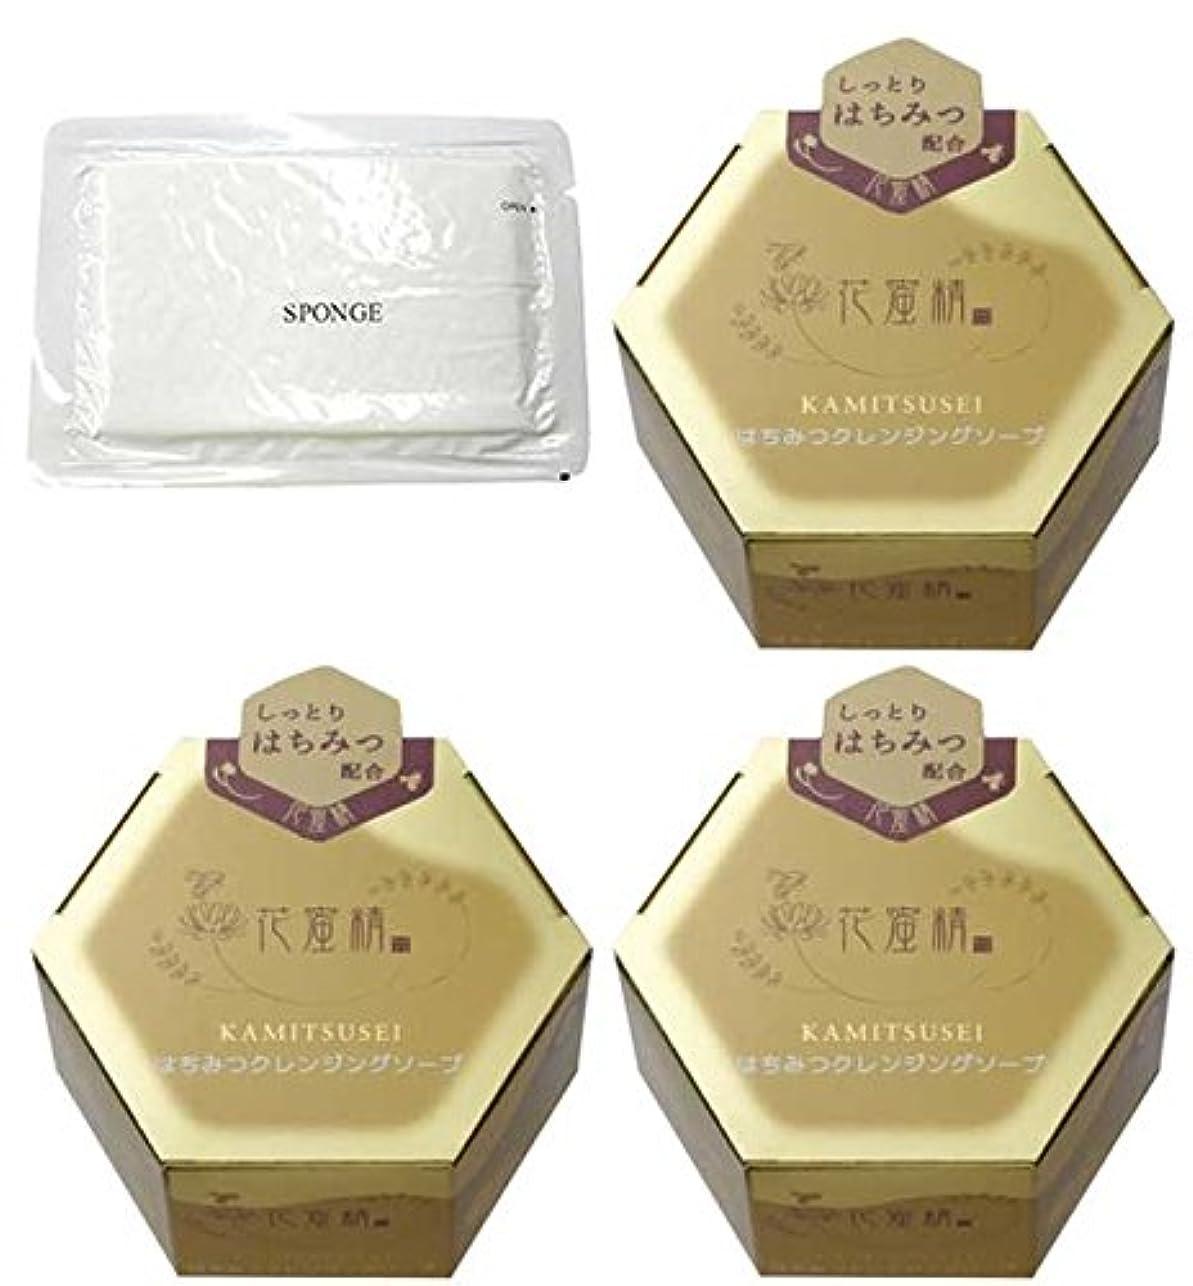 珍味権限心のこもった花蜜精 はちみつクレンジングソープ 85g 3個 + 圧縮スポンジセット